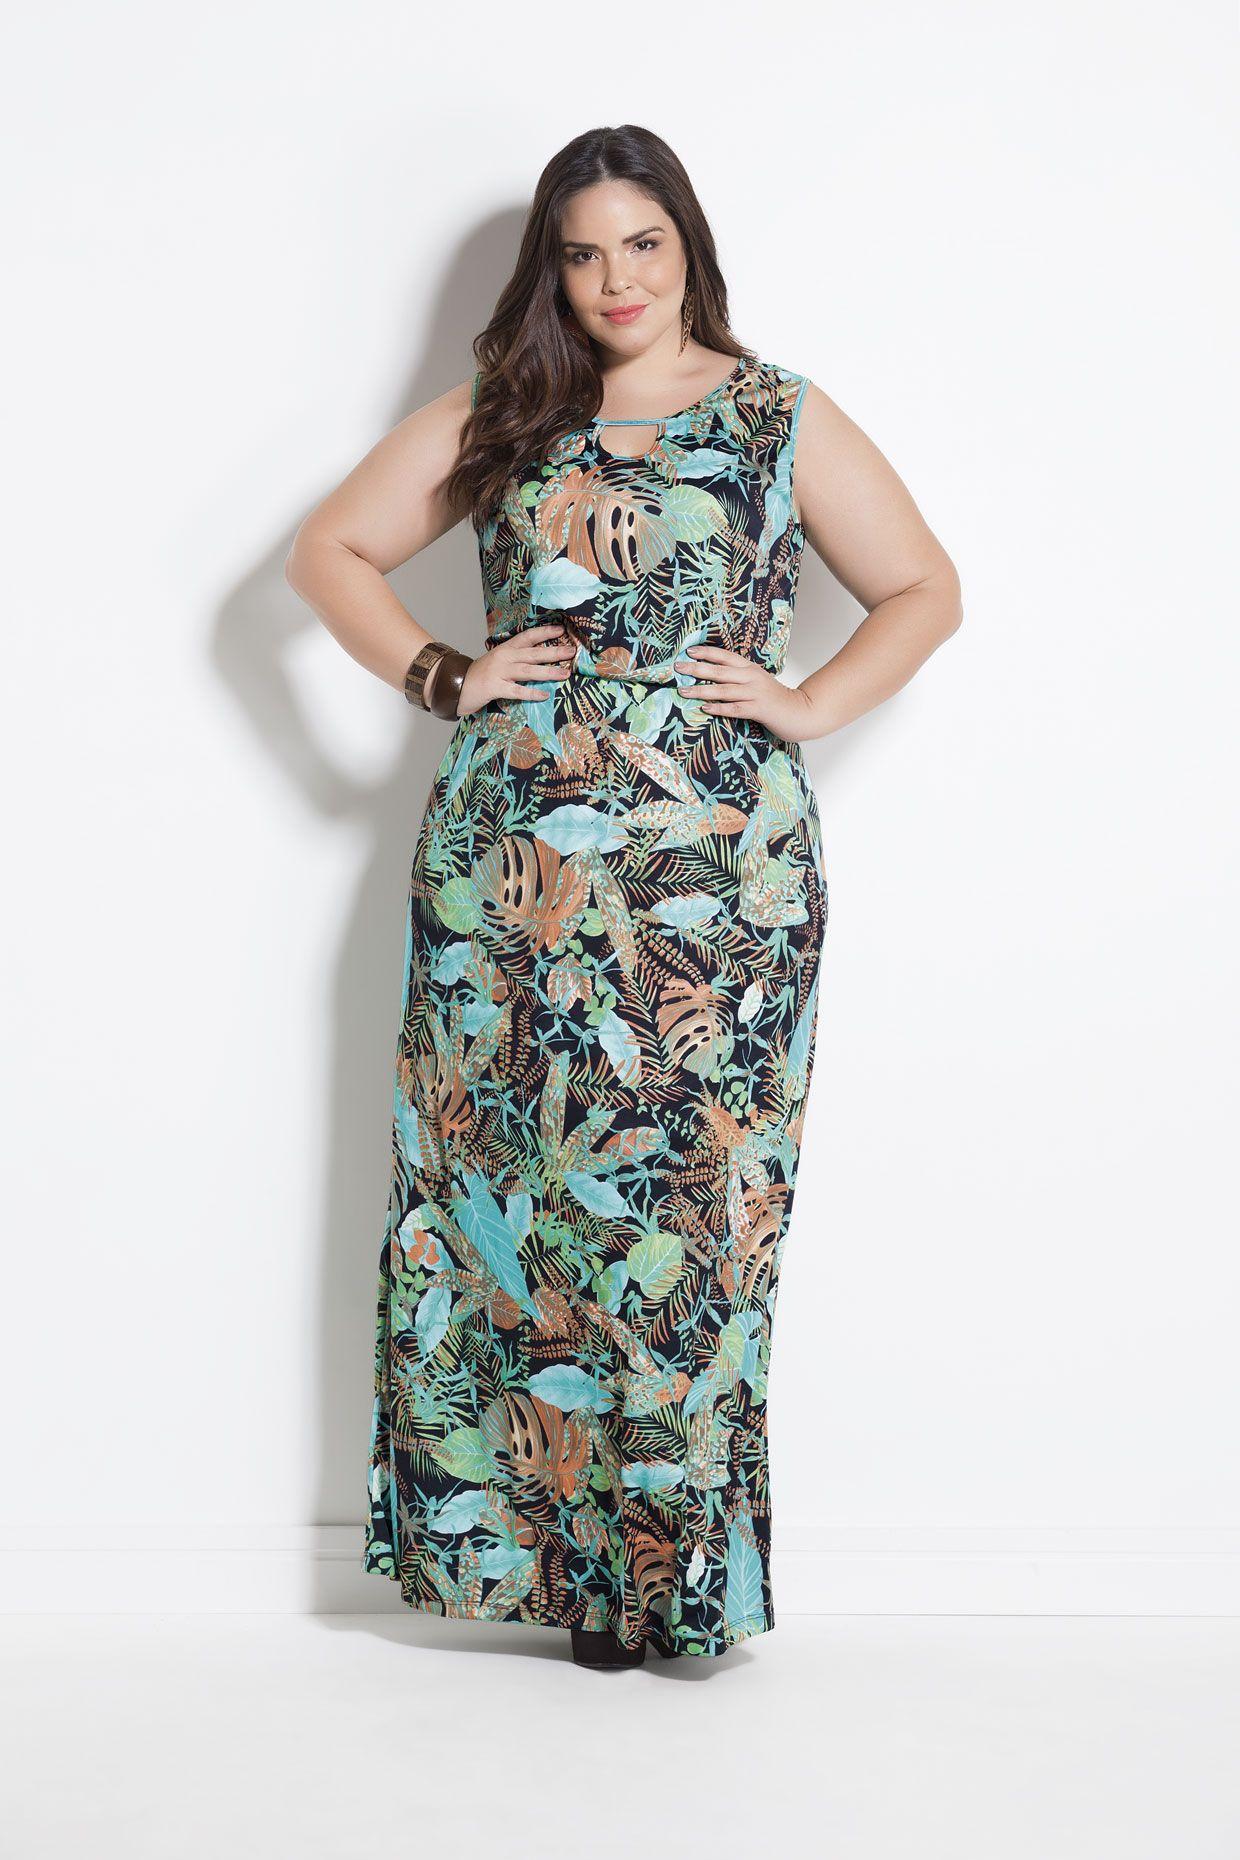 793893fd3 Vestido Longo Plus Size Folhagem Marguerite | COLEÇÃO PRIMAVERA 2017 ...